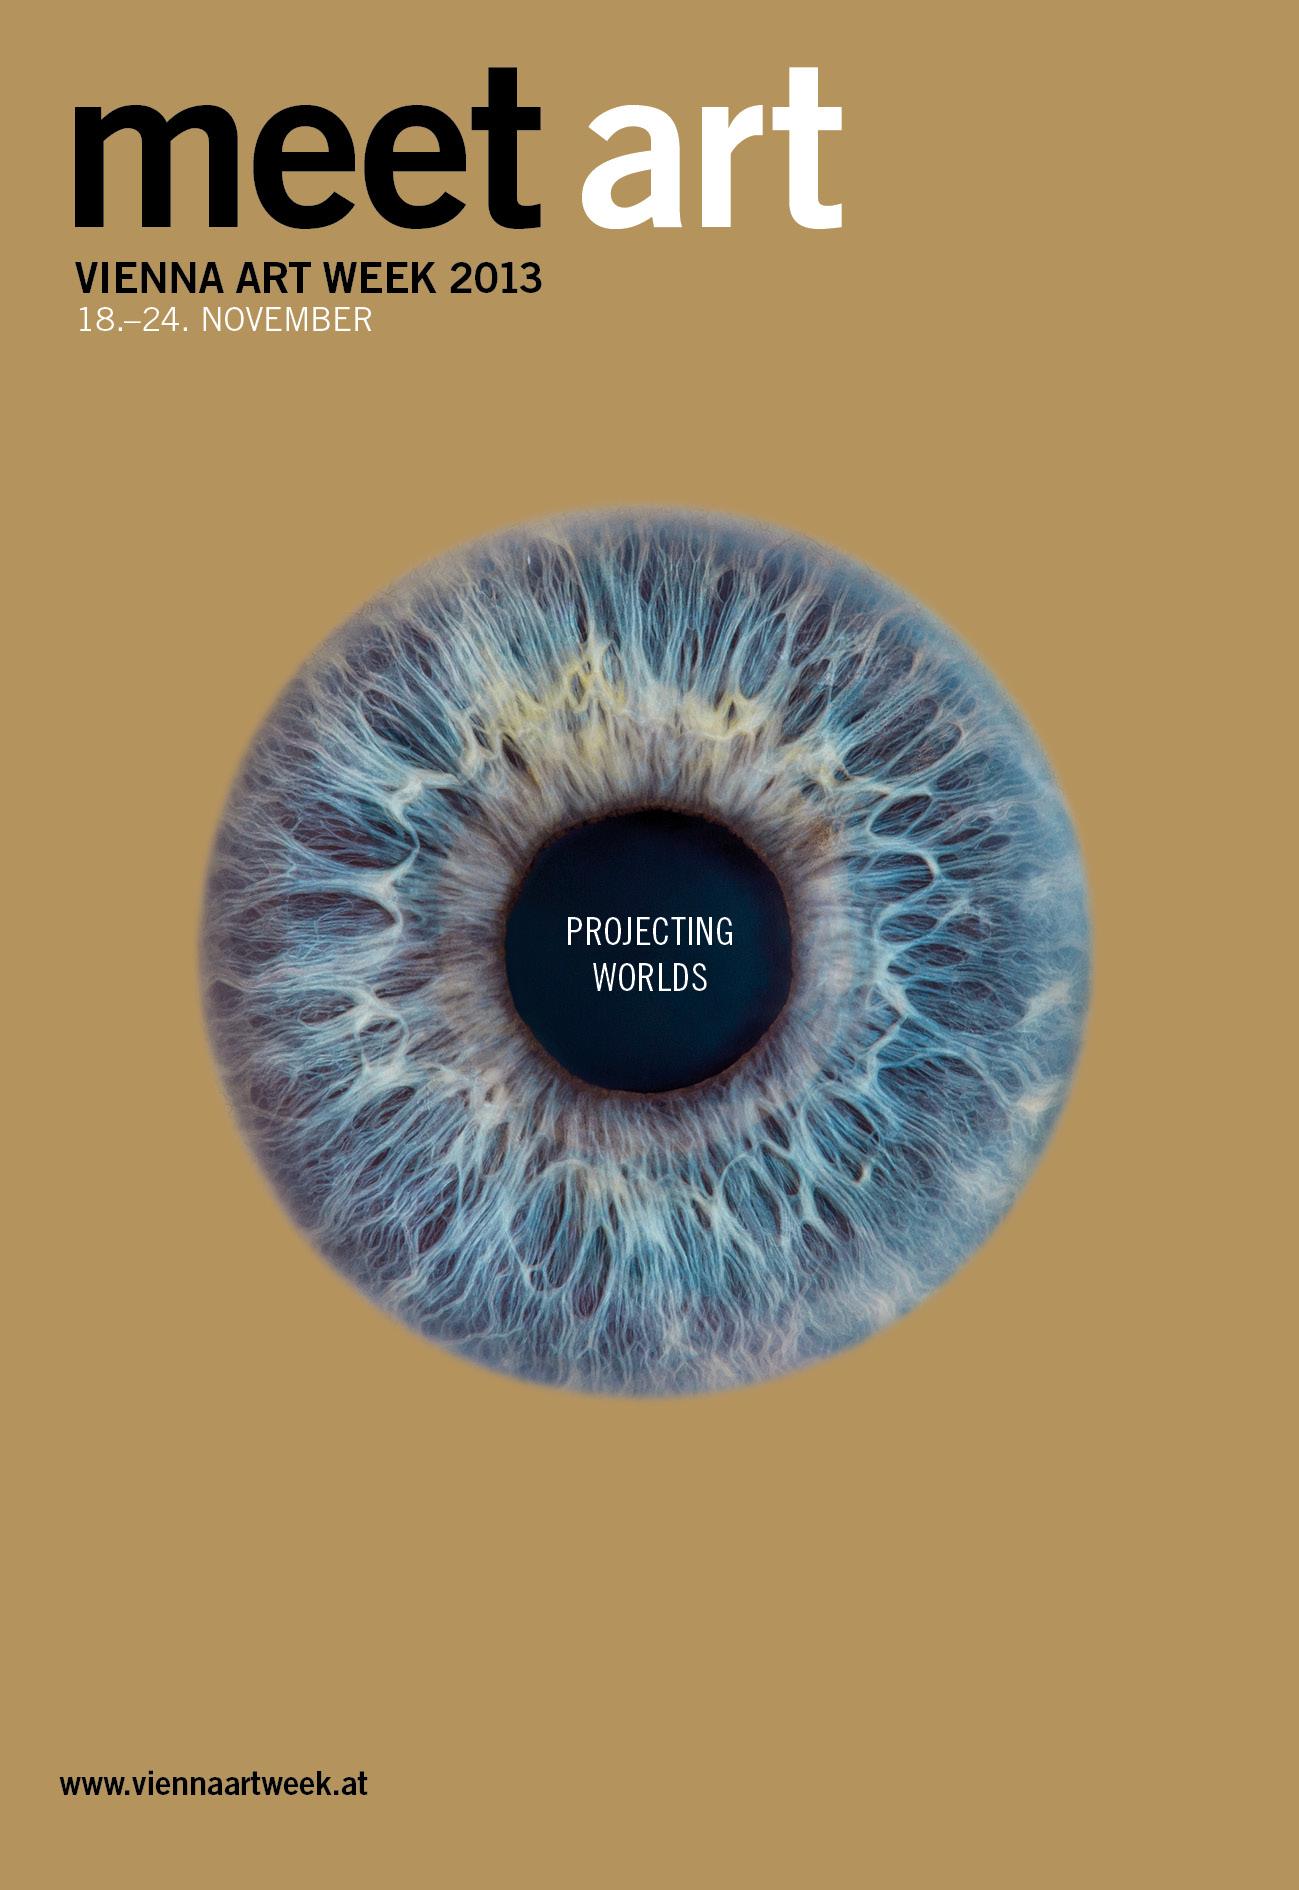 VIENNA ART WEEK 2013, 18. – 24. November 2013 Design: Perndl+Co Foto: Klaus Fritsch